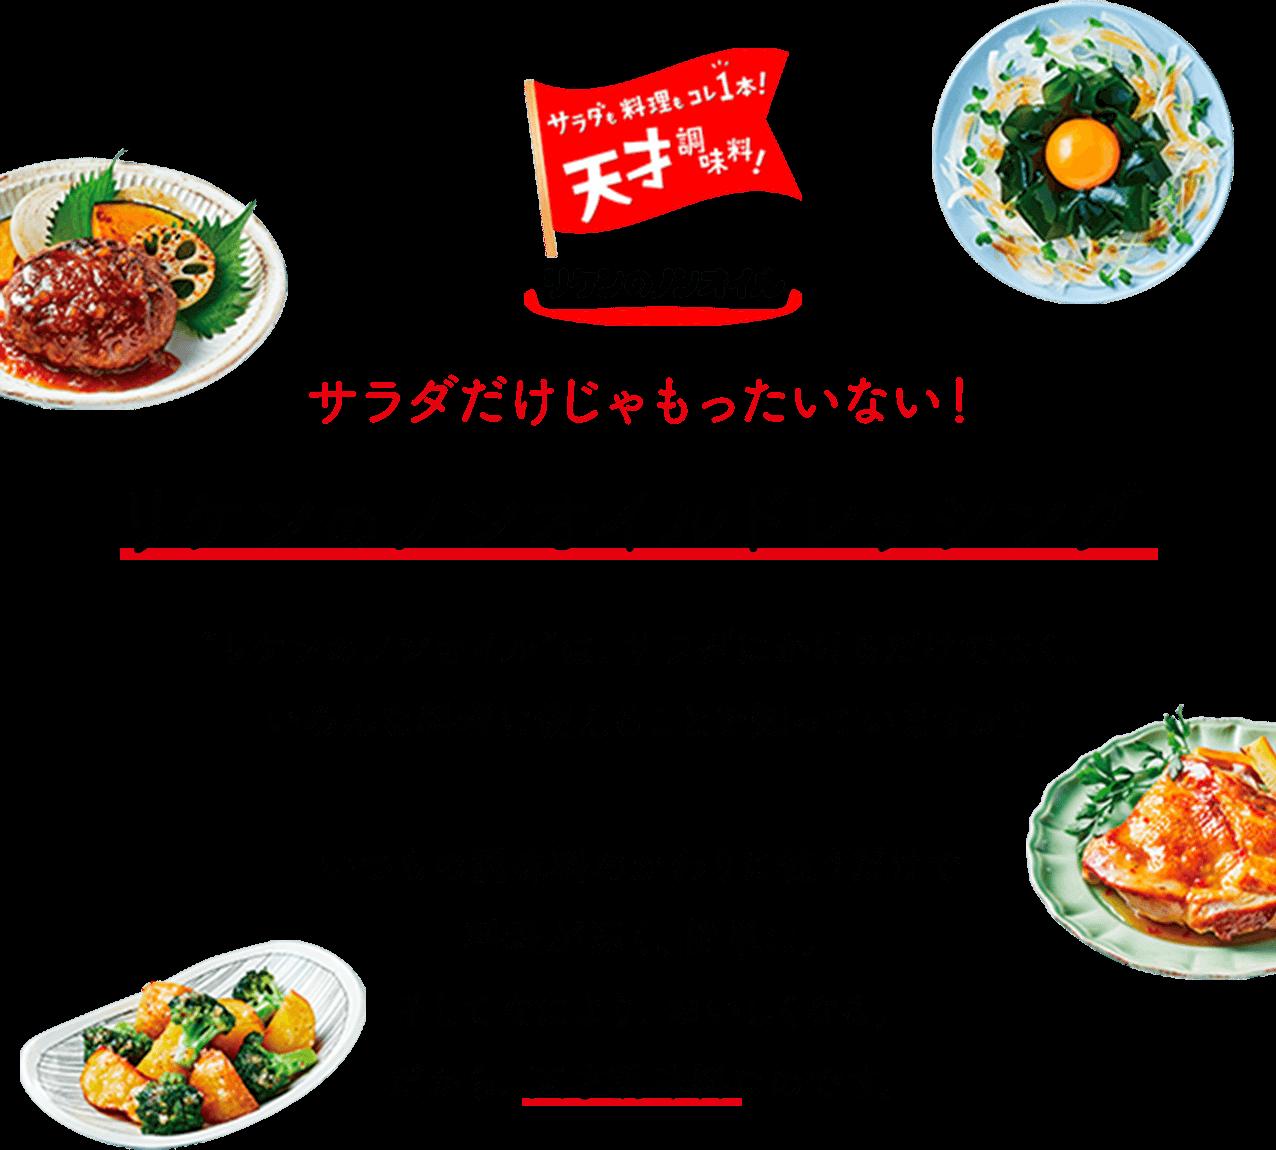 """サラダだけじゃもったいない!リケンのノンオイルドレッシング""""リケンのノンオイル""""は、サラダにかけるだけでなく、いろんな料理に使えることを知っていますか?いつもの調味料のかわりに使うだけで、料理が速く、簡単に。そしてなにより、おいしくなる。だから、天才調味料なのです。"""